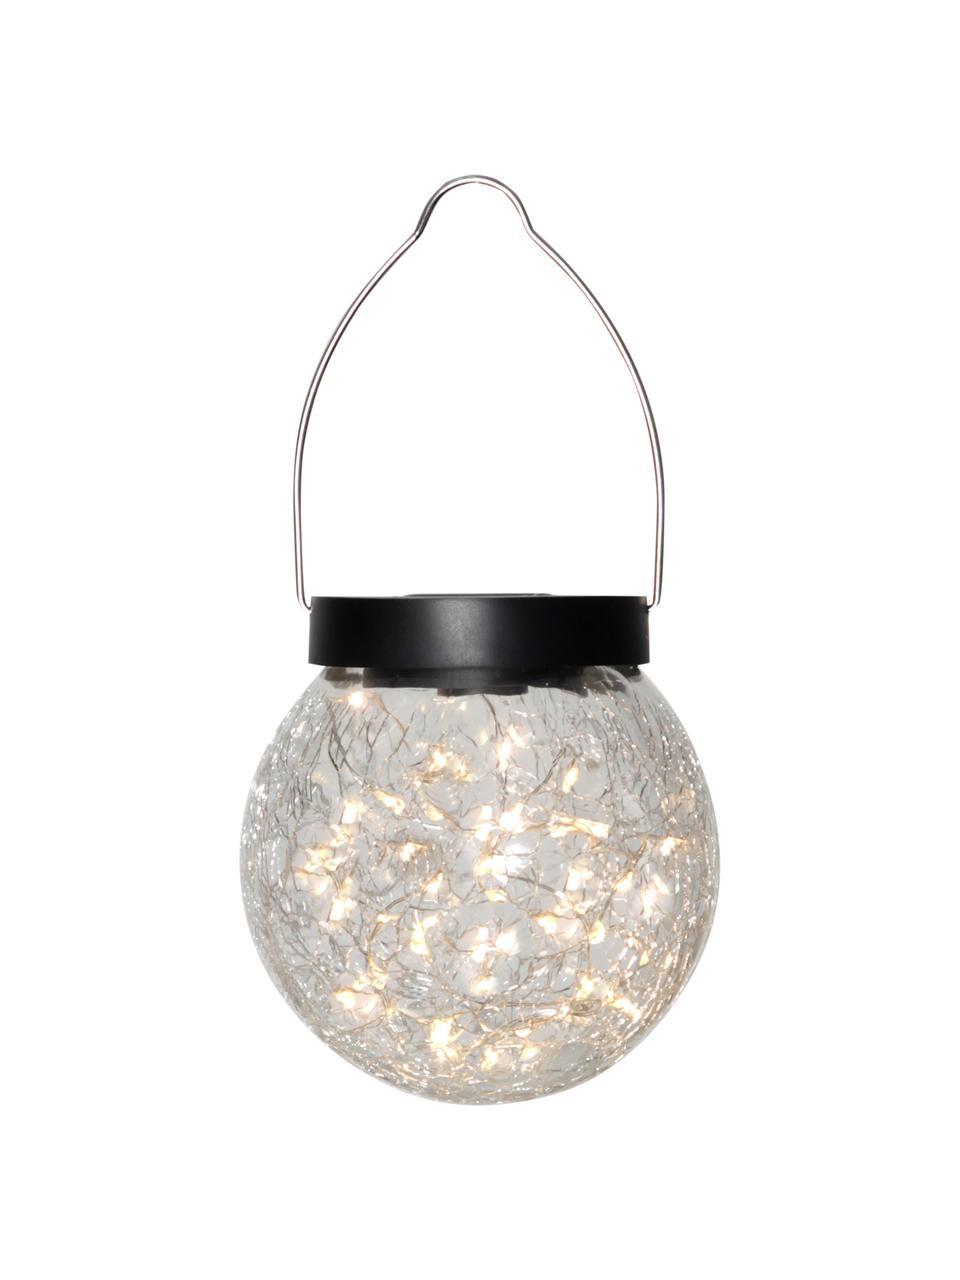 Wisząca lampa solarna ze szkła Glory, Transparentny, Ø 12 x W 13 cm